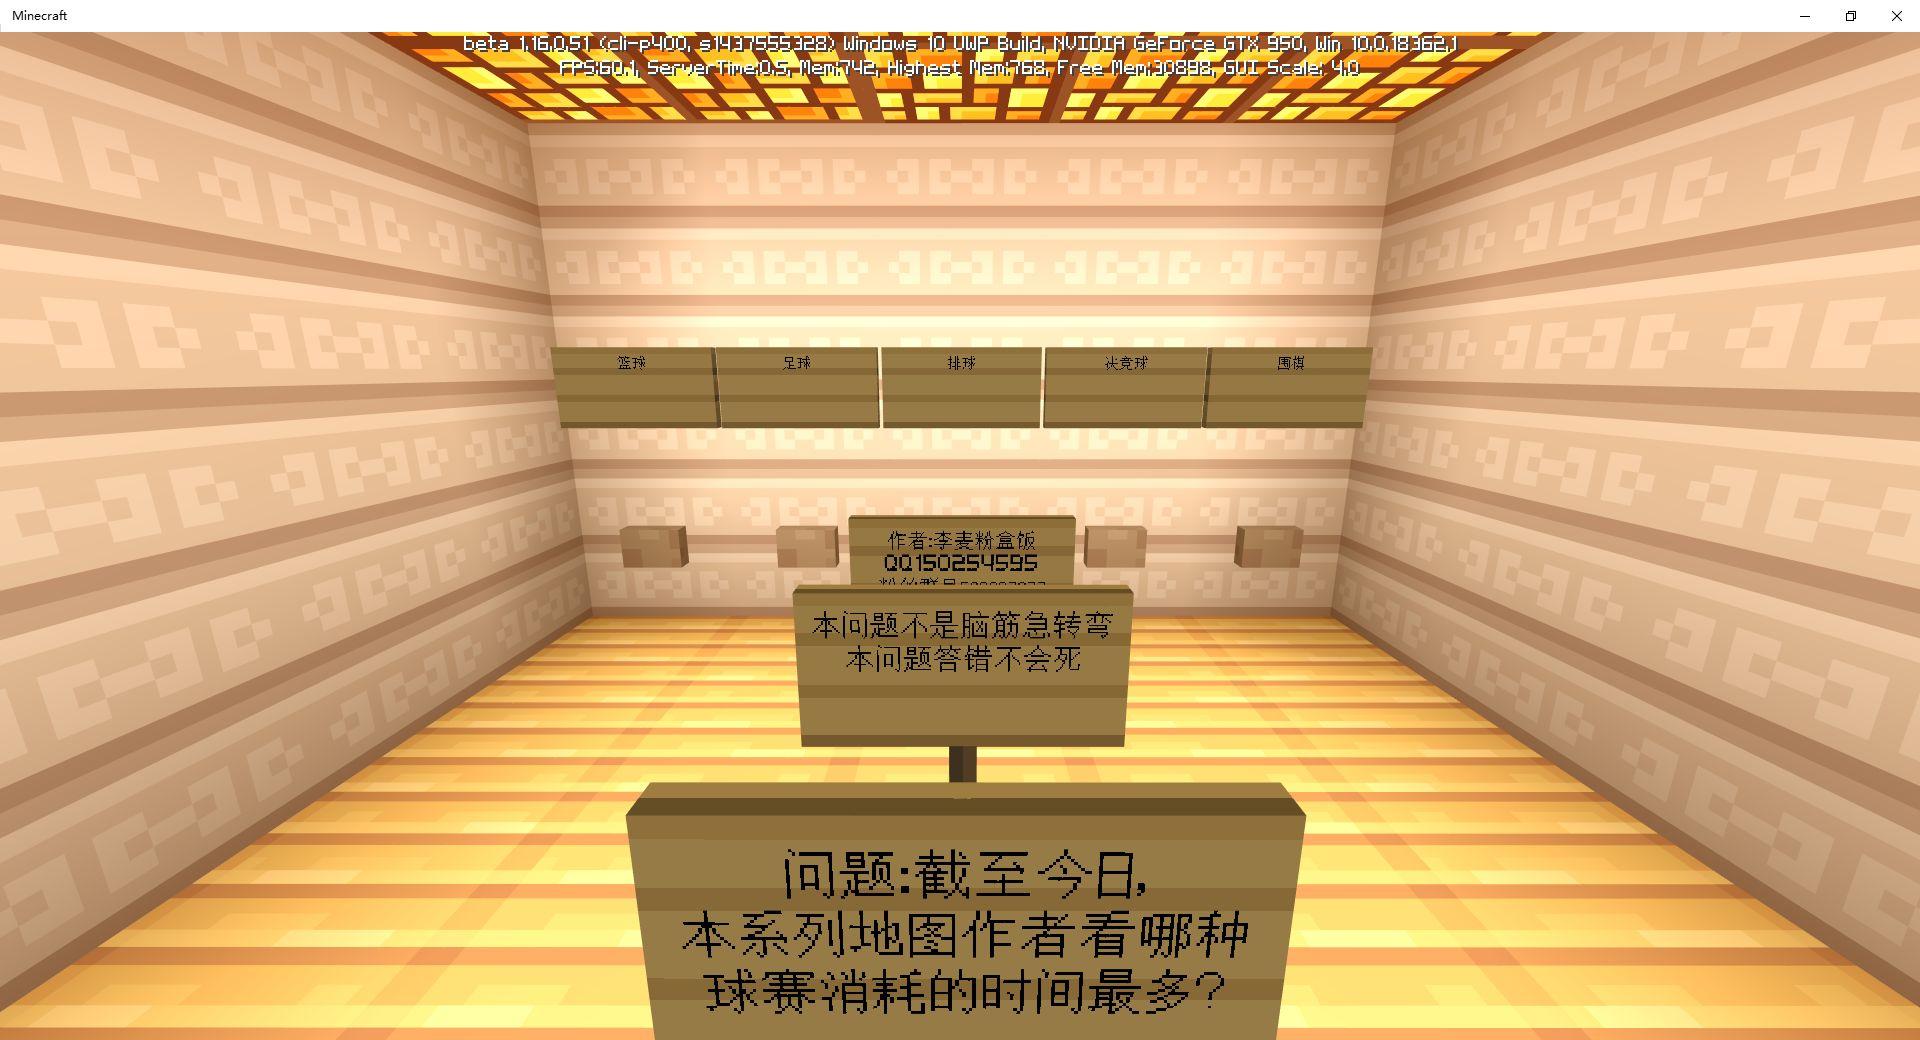 file_1585302562000.jpg